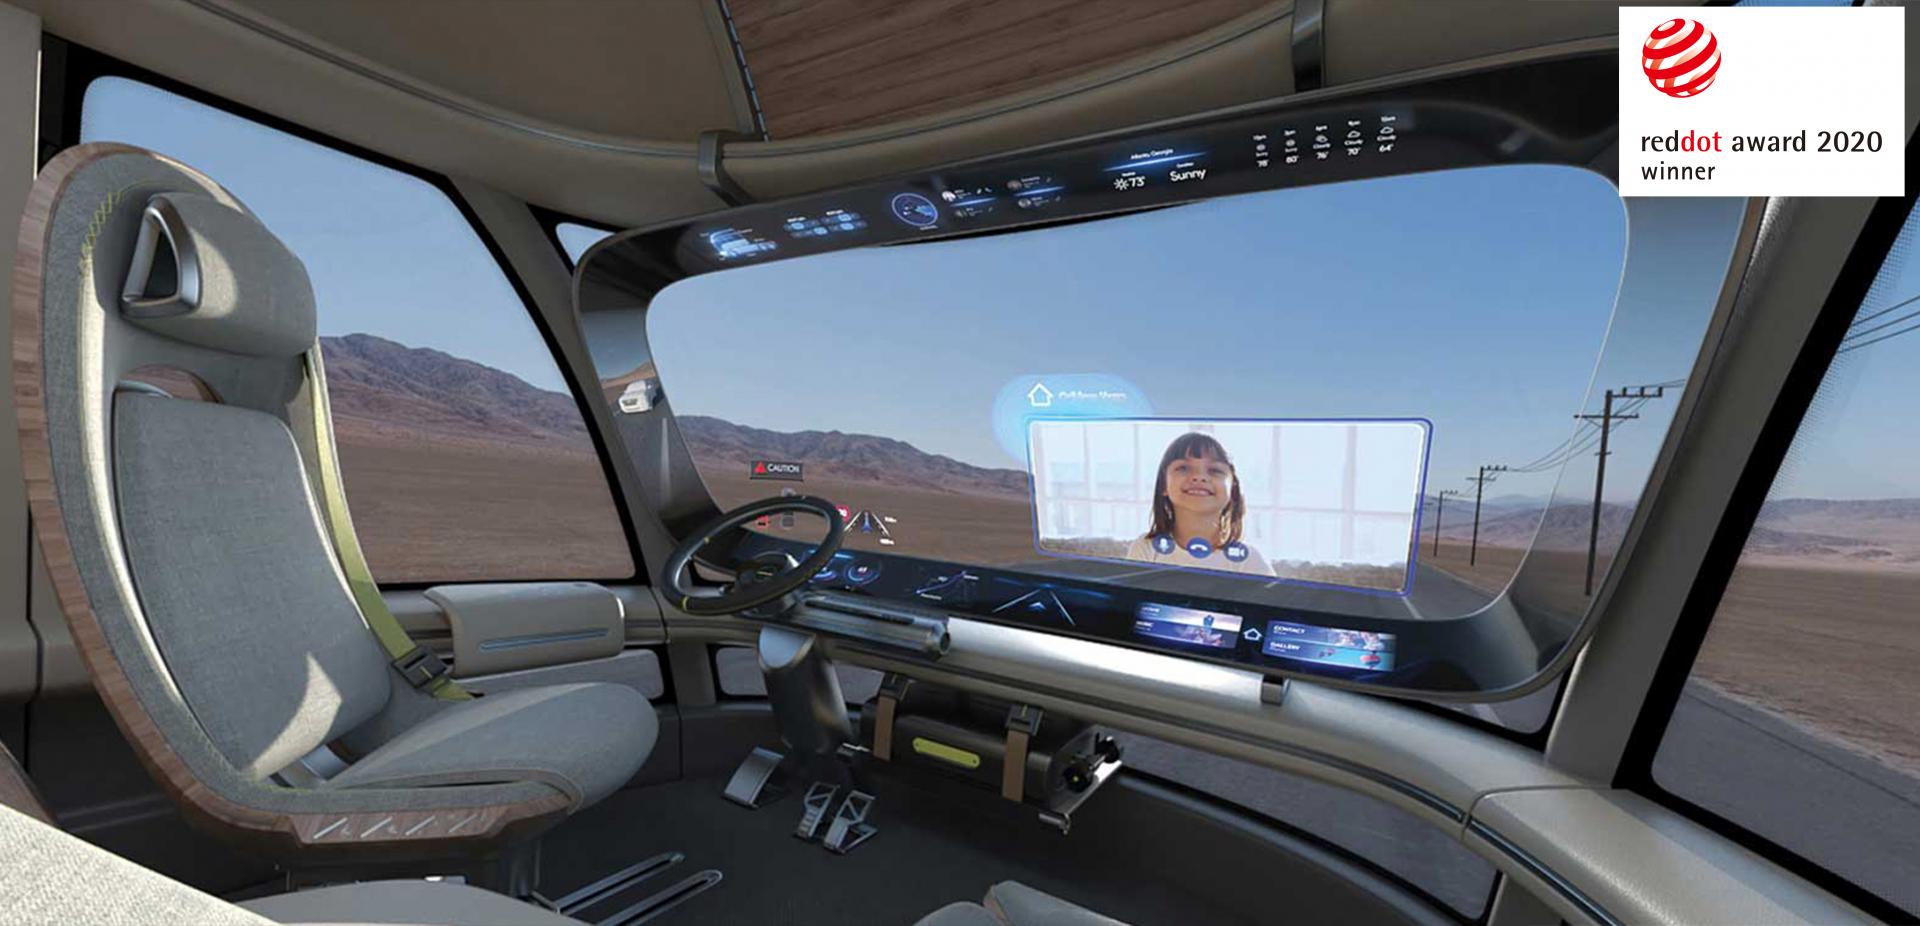 Компанія Hyundai Motor отримала три нагороди Red Dot Award 2020 за концептуальний дизайн | Базис-Авто - фото 12